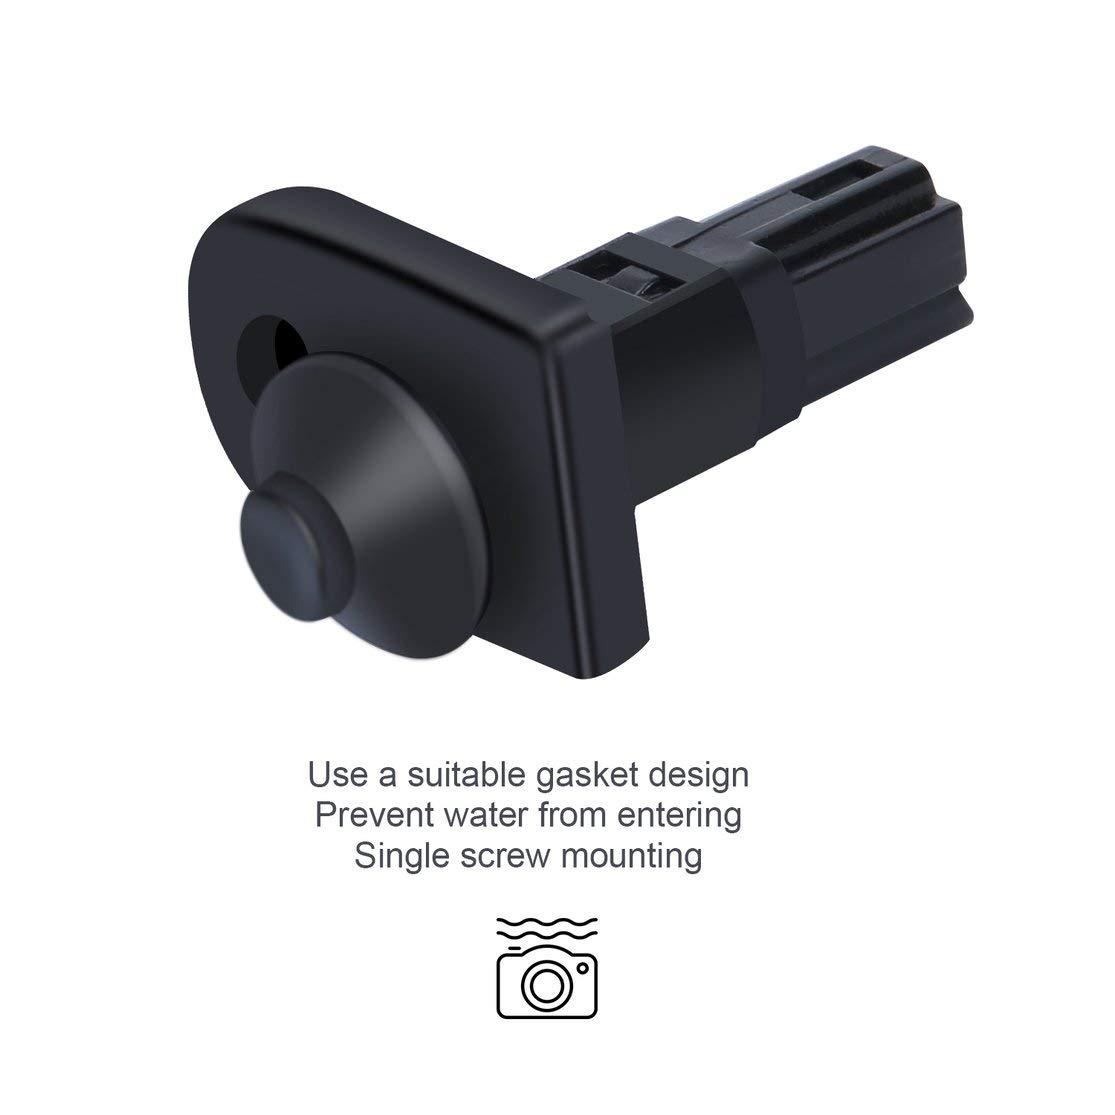 LouiseEvel215 Interruptor de luz de la Puerta Interior de 2 Pines para Mitsubishi Pajero Montero V31 V32 V33 MB698713 Piezas de autom/óviles Accesorios de reemplazo